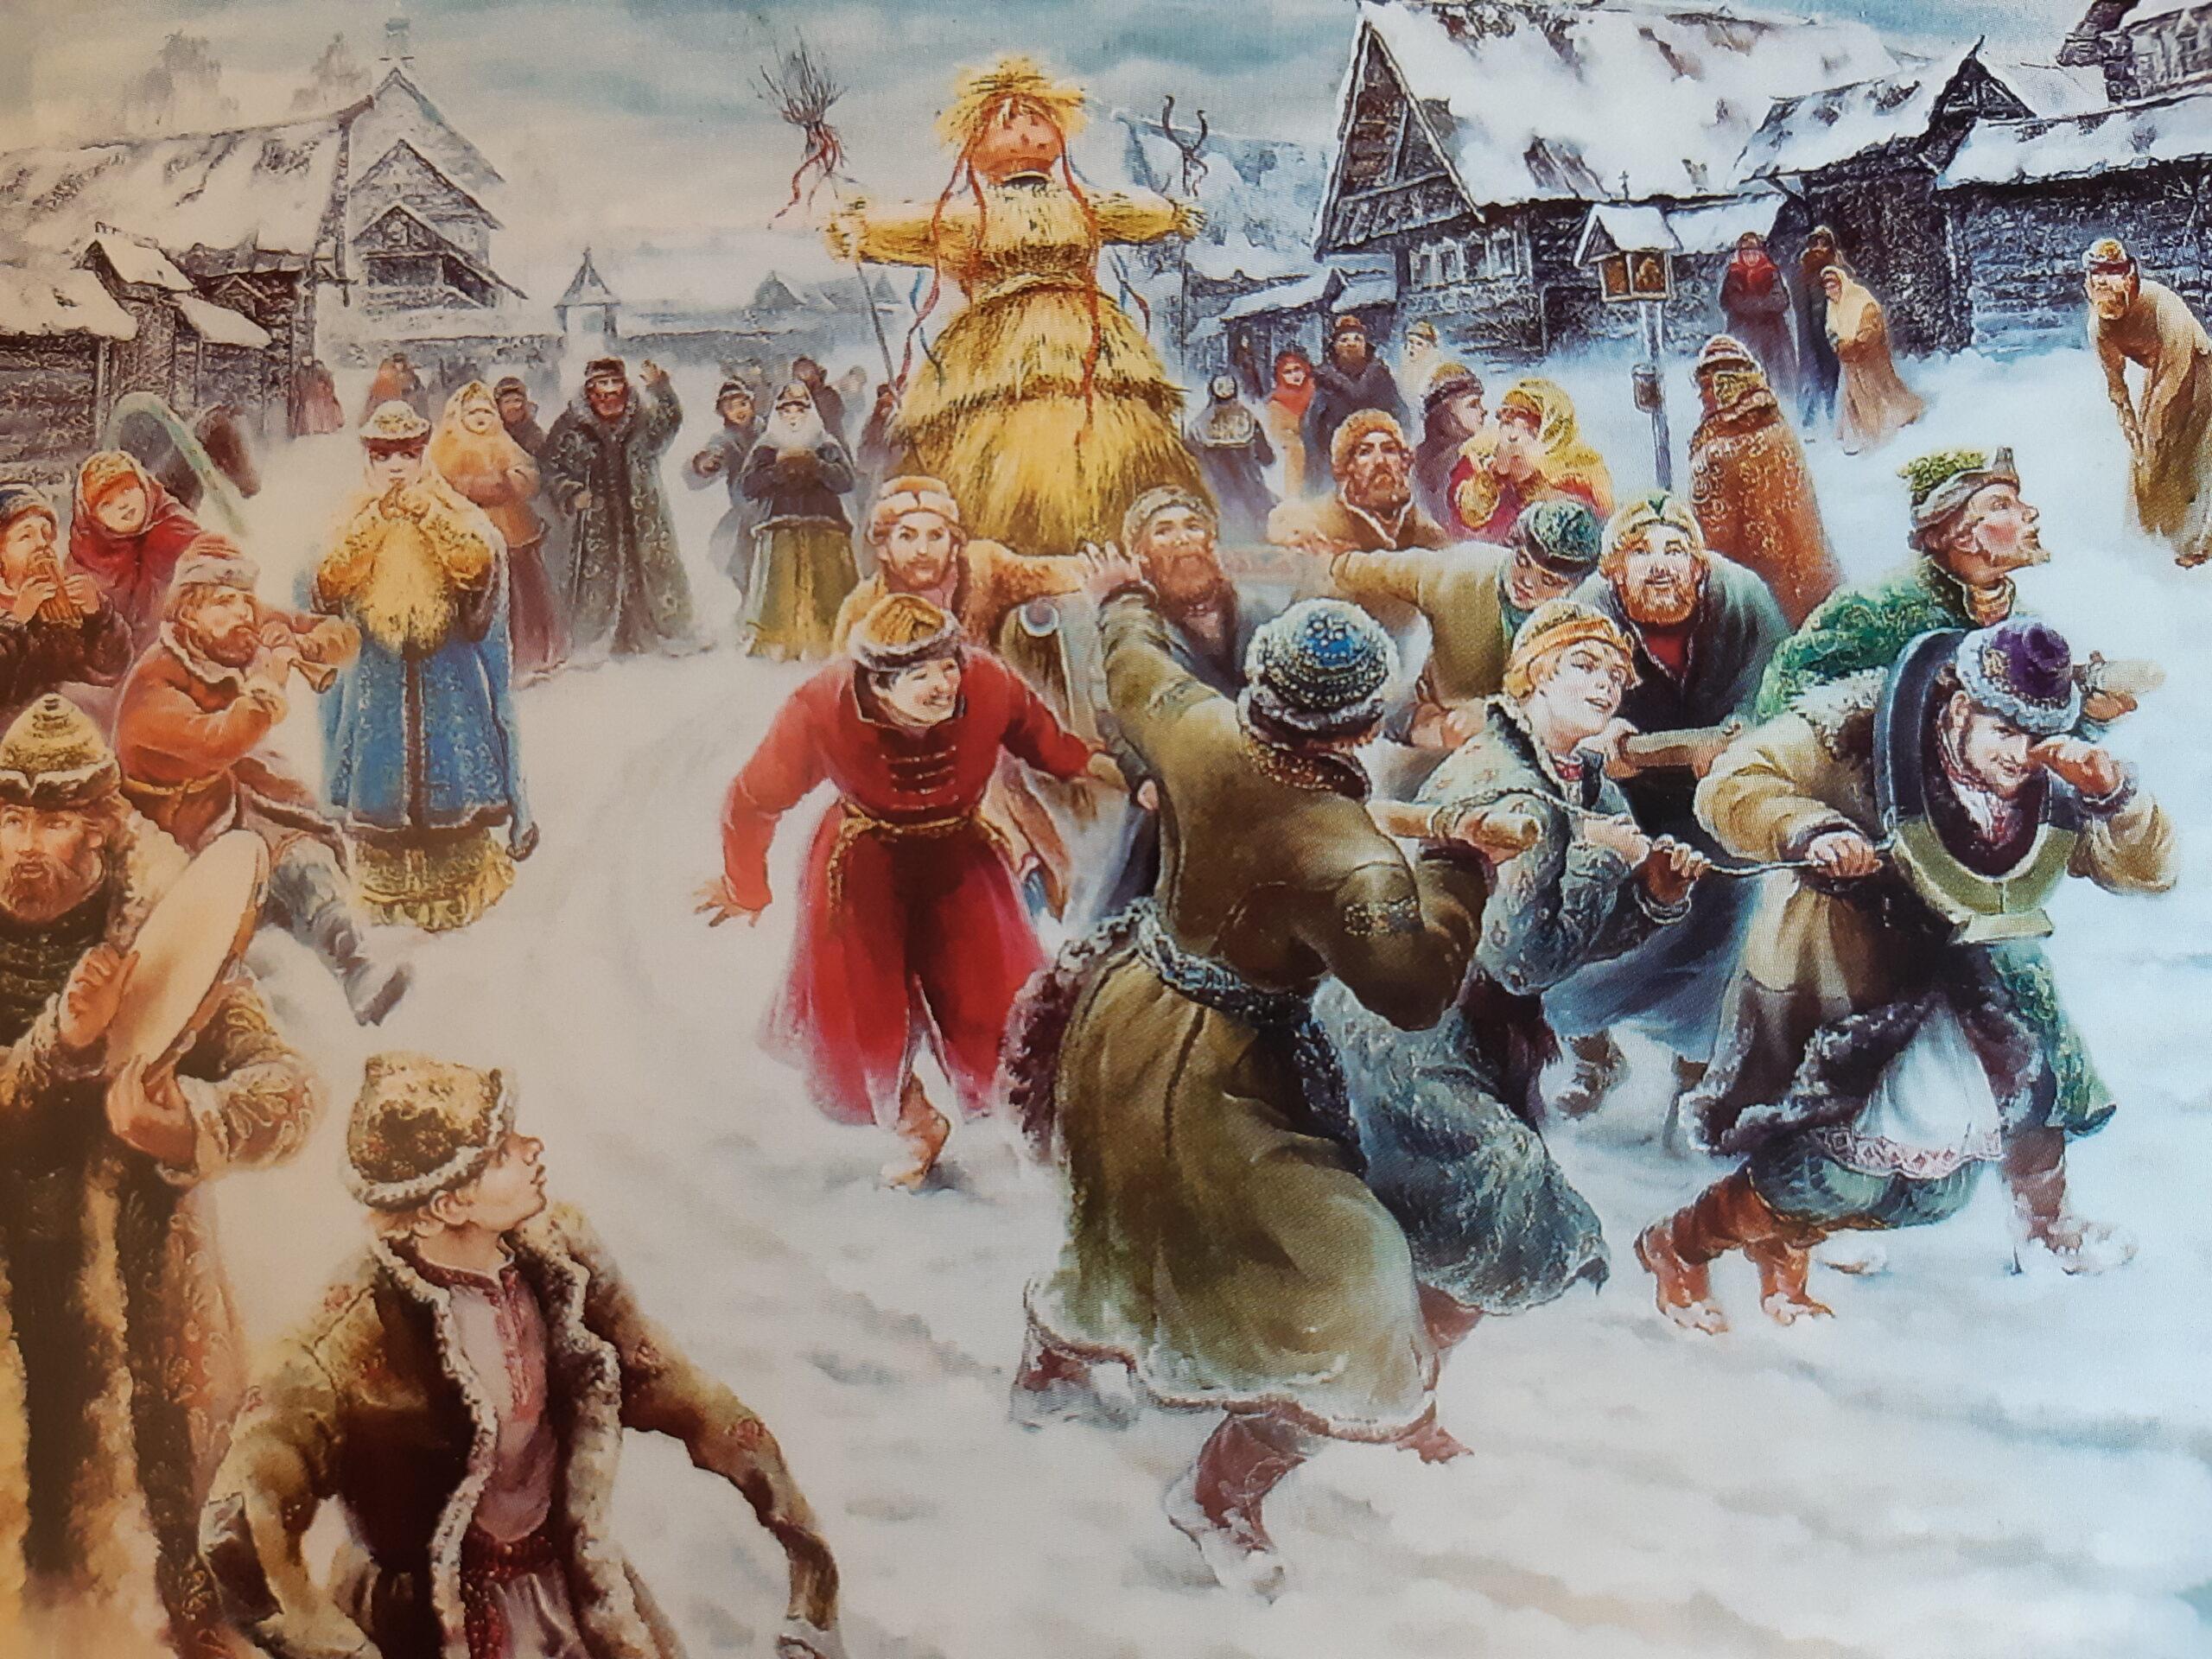 bambola russa di carnevale